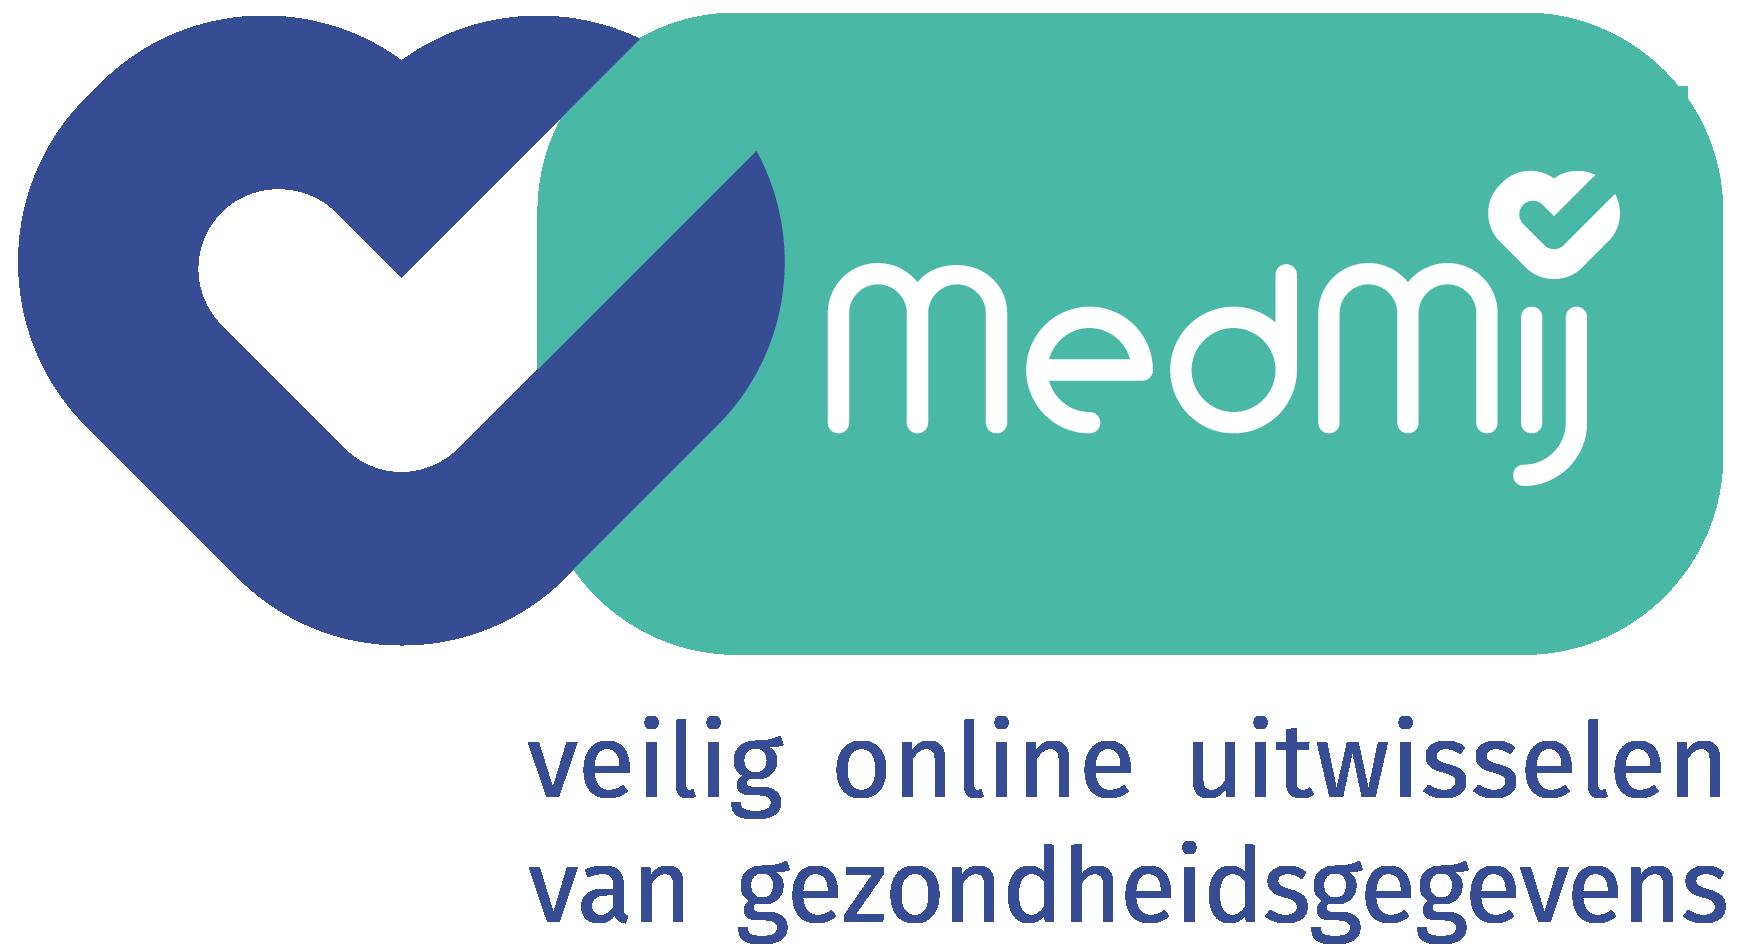 Alleen een persoonlijke gezondheidsomgeving (PGO) met het officiële MedMij Label houdt zich aan strenge regels zodat jouw privacy wordt gewaarborgd